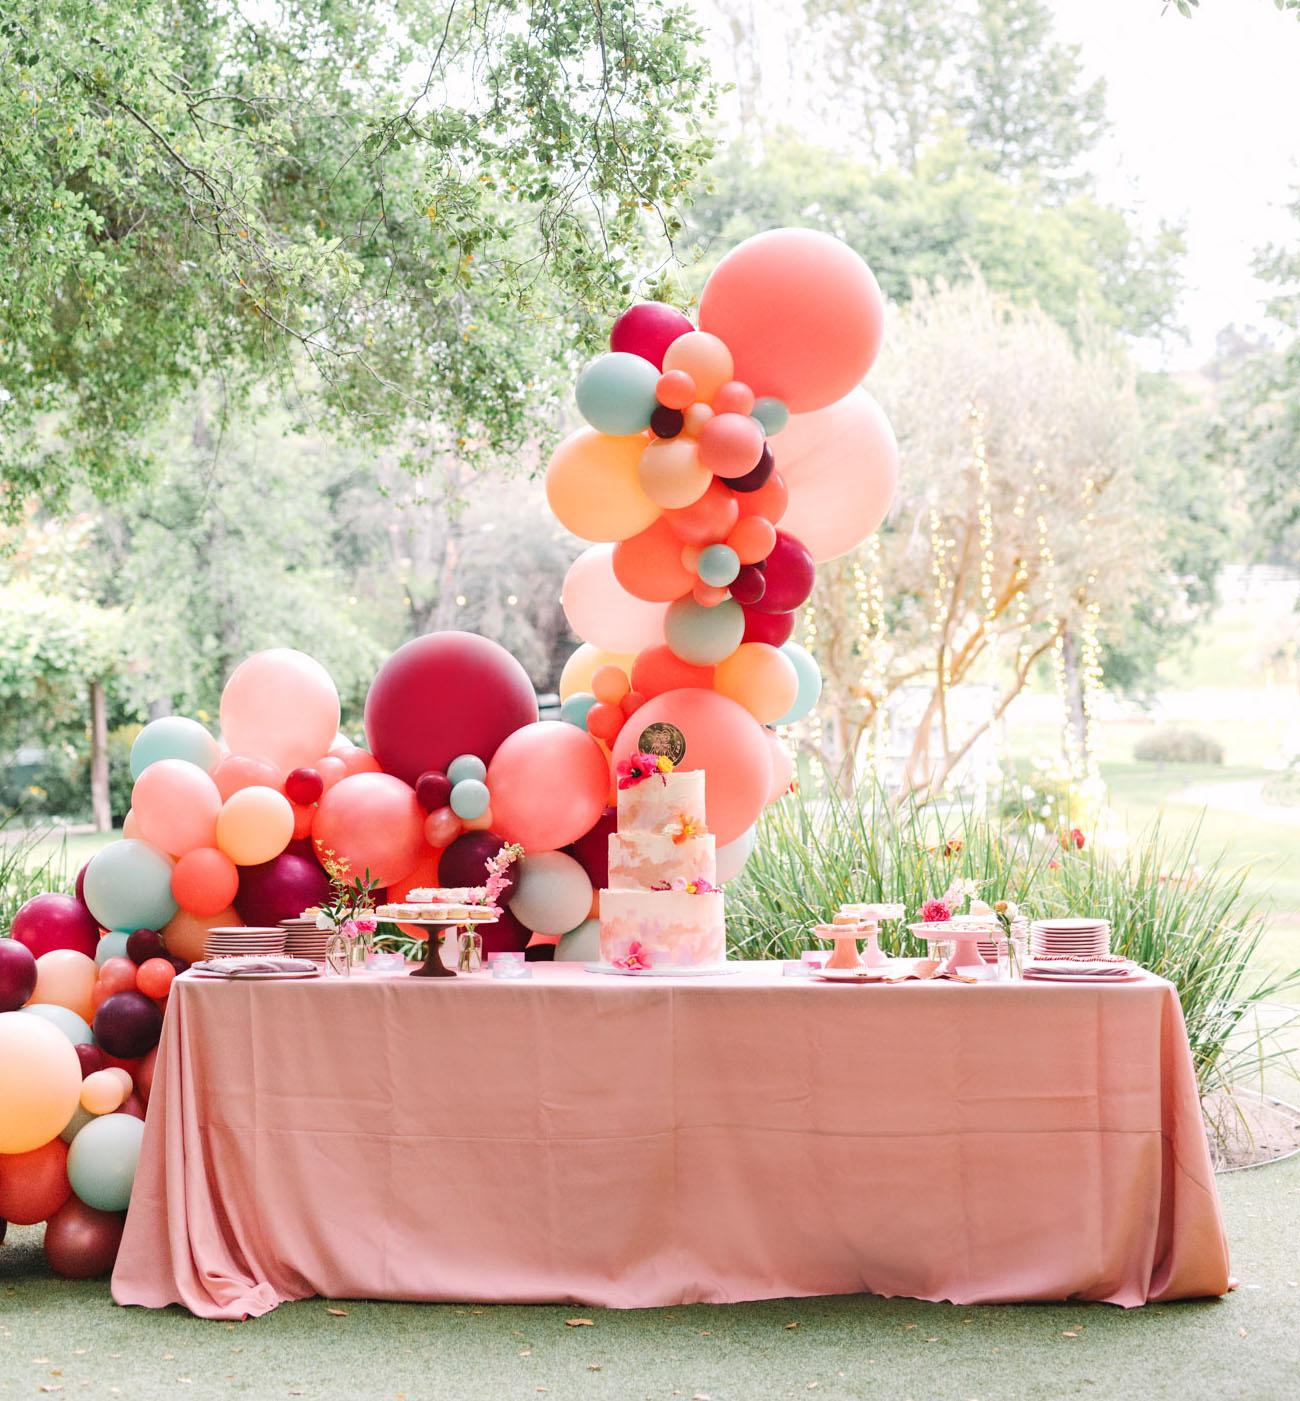 balloon arch cake table